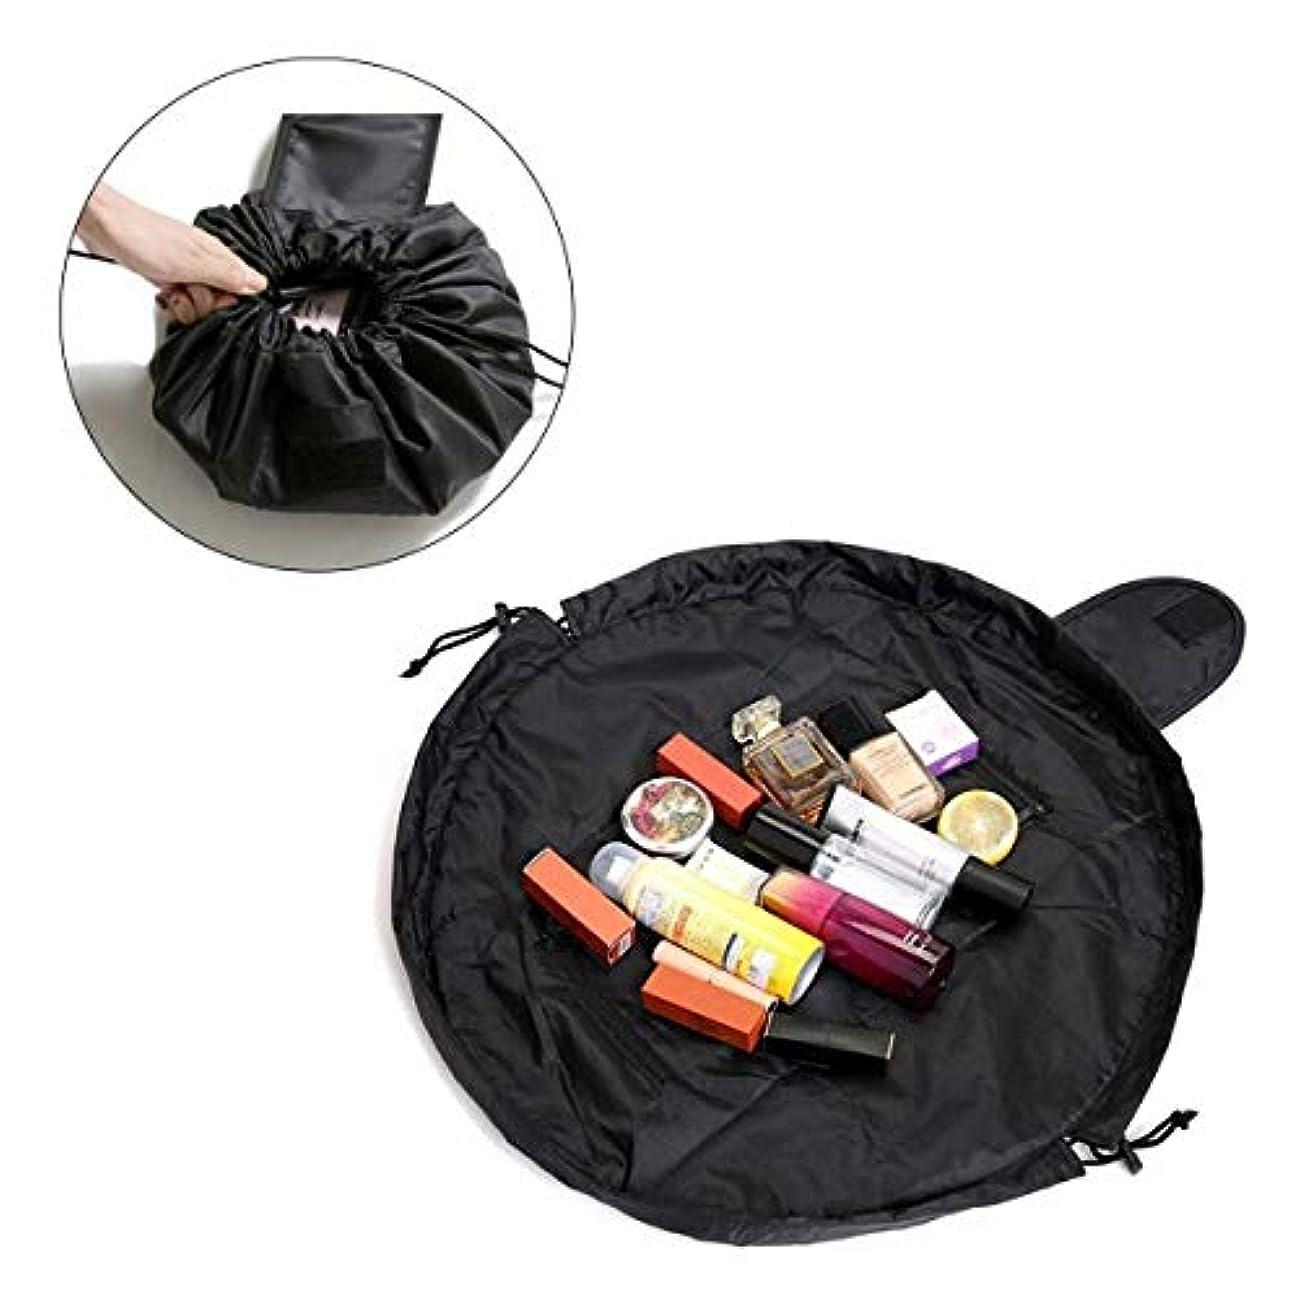 トピックギャング毎月Pichidr-JP 速い化粧袋旅行浴室のための携帯用多機能の防水ビロードの円形の化粧品袋、黒